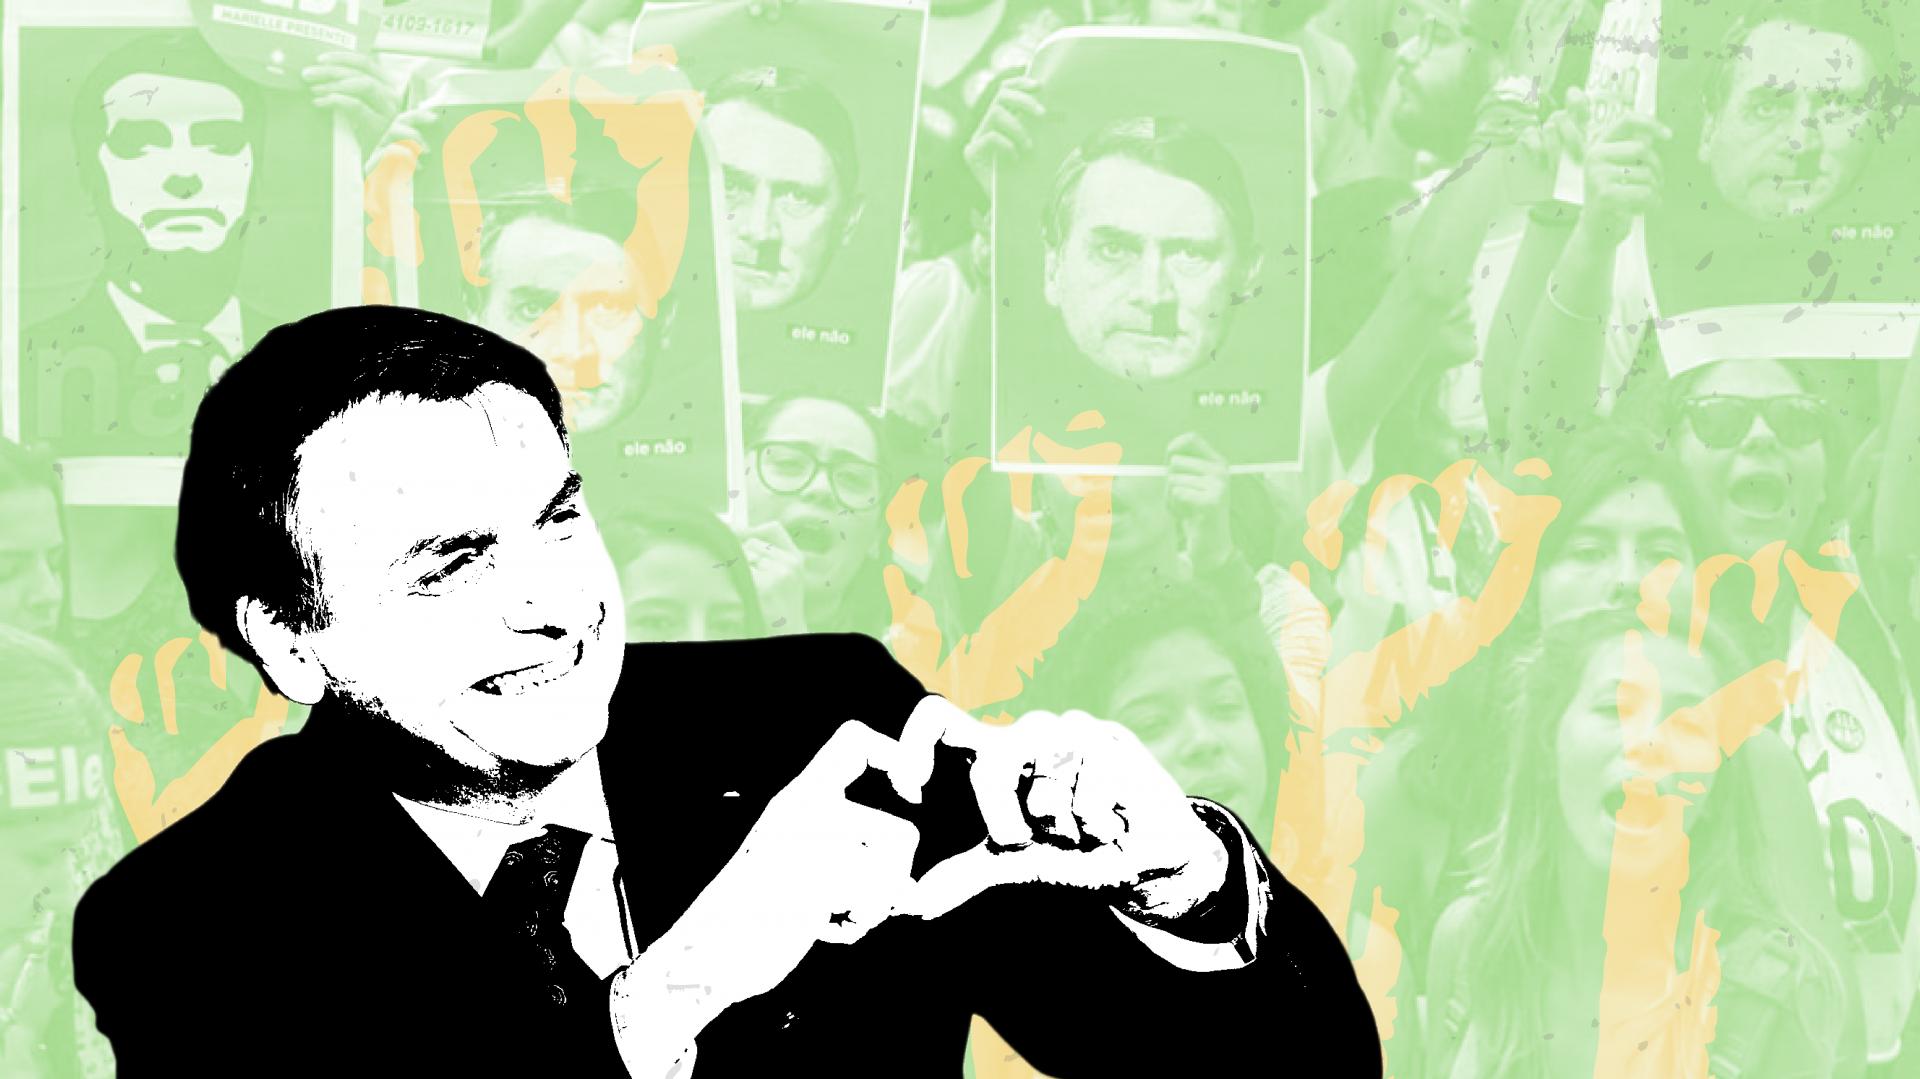 La era bolsonaro y la resistencia democrática